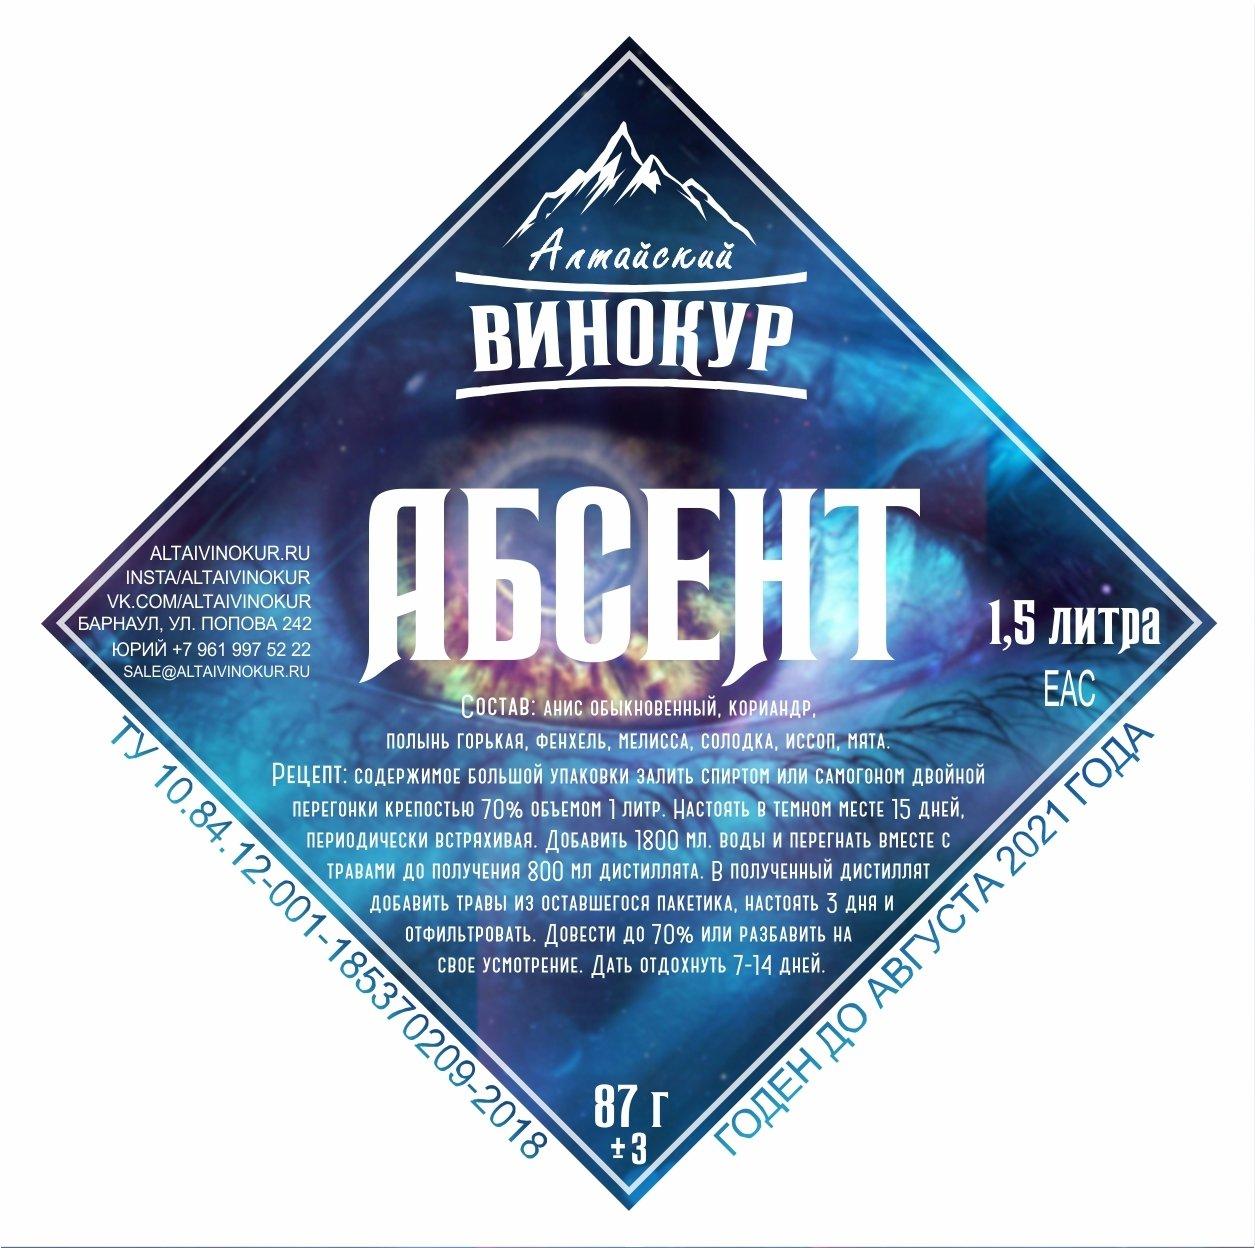 Абсент | Набор трав и пряностей